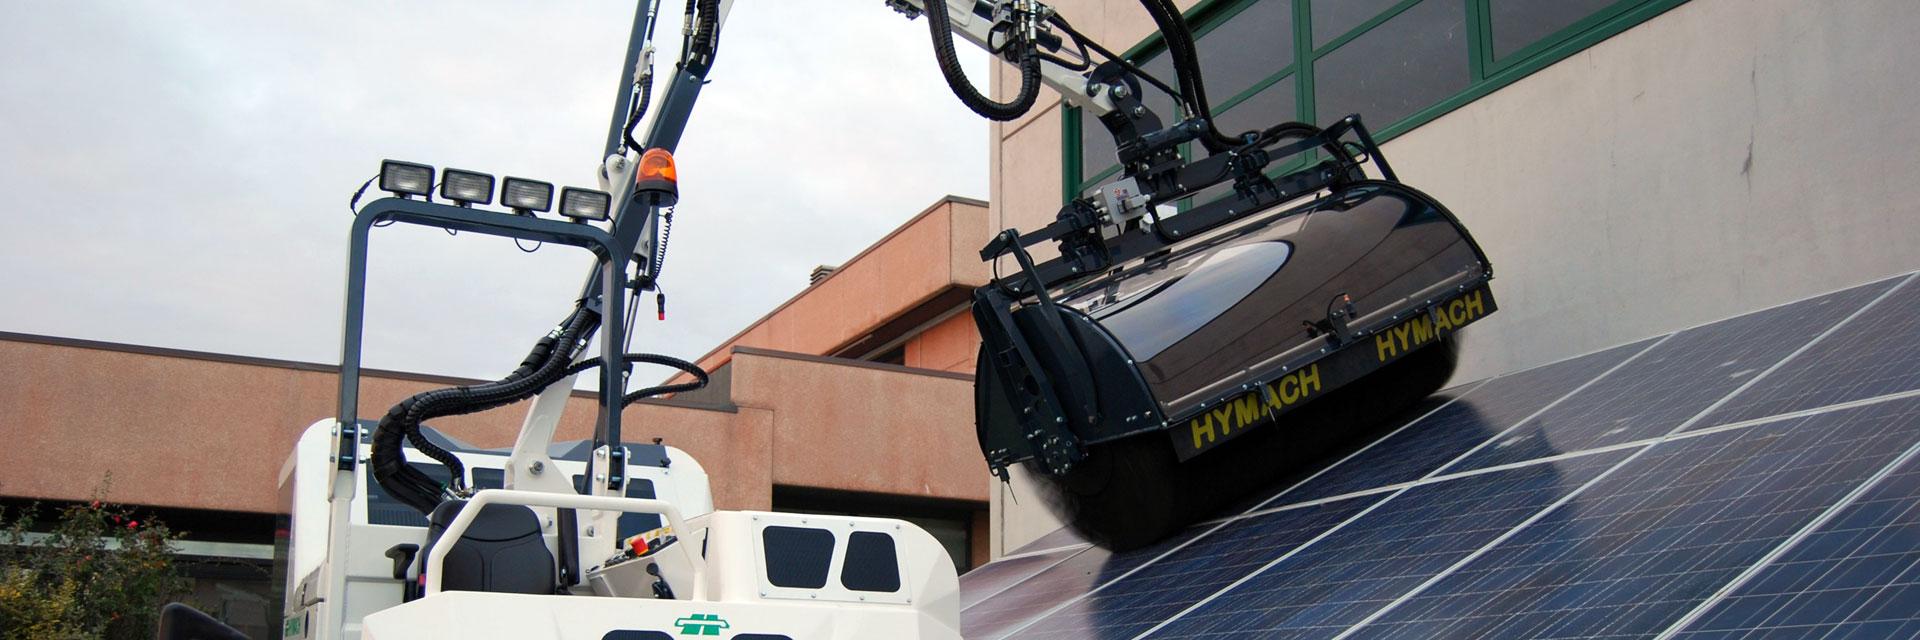 Reiniger für Sonnenkollektoren